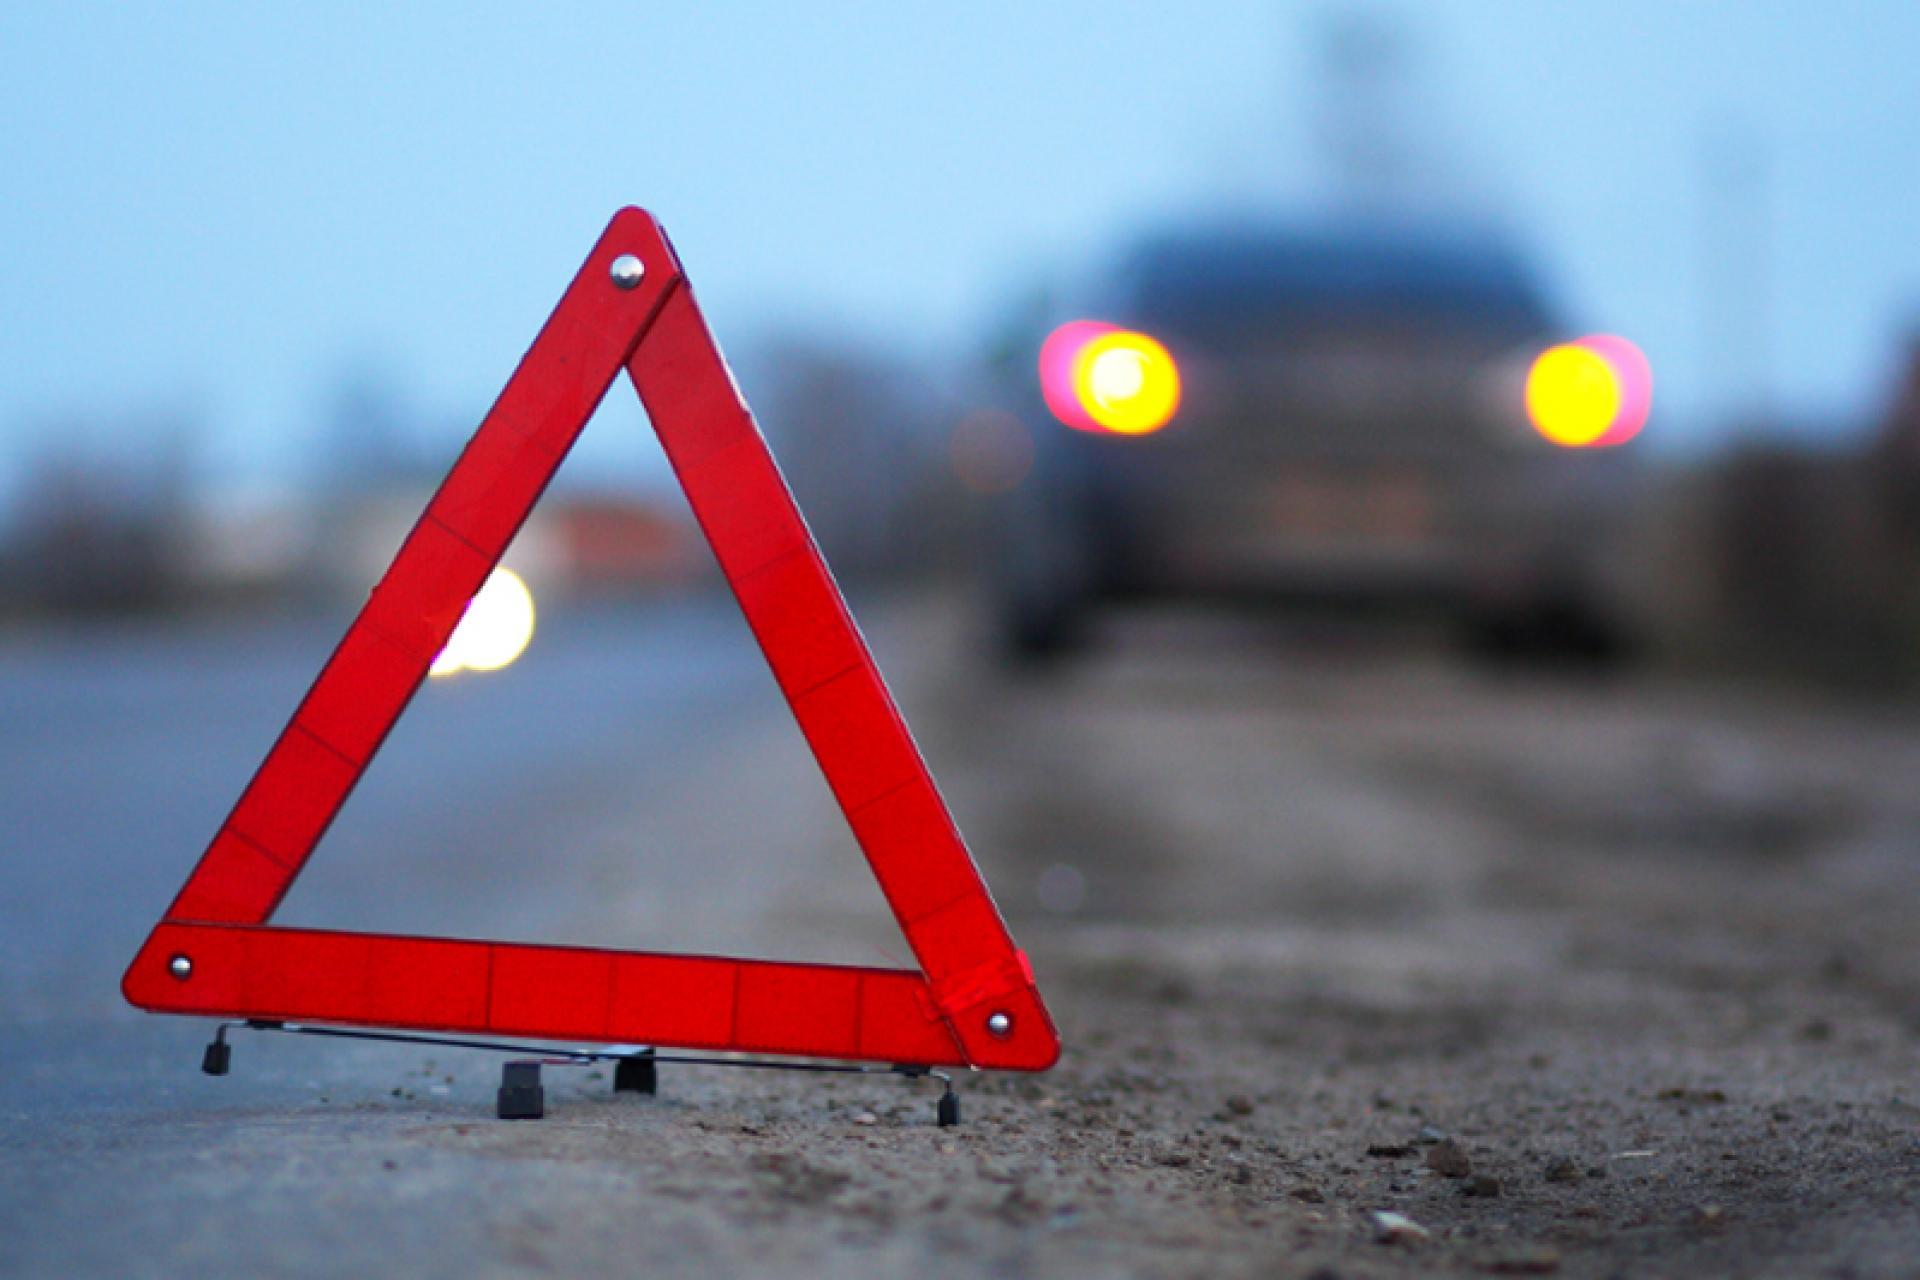 В Крыму на трассе насмерть сбили пешехода